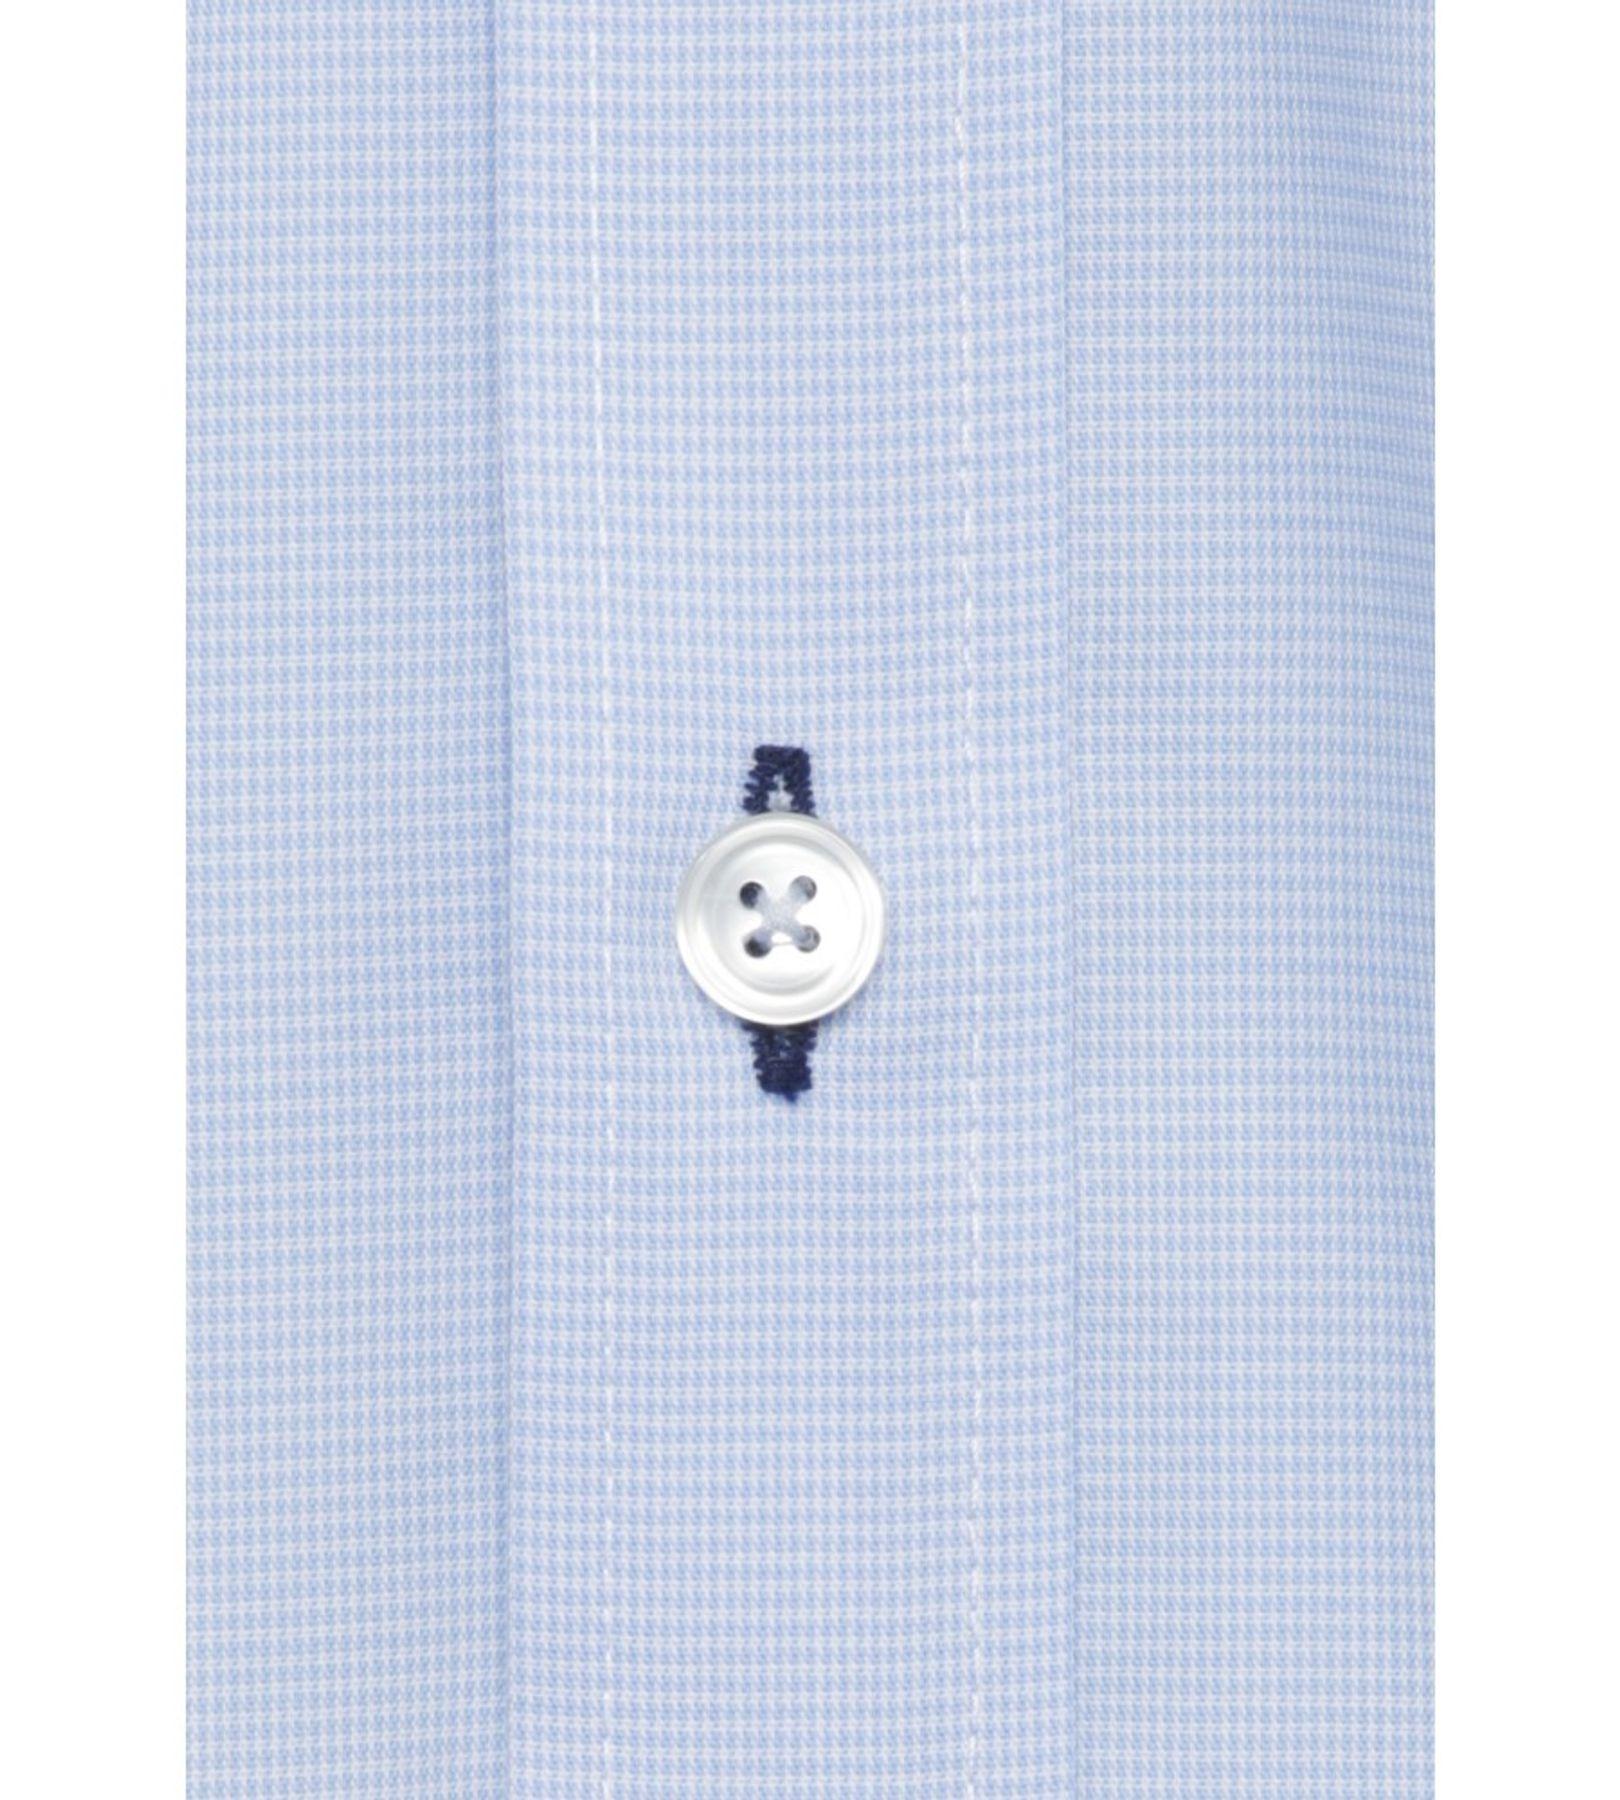 Hatico - Regular Fit - Bügelfreies Herren Langarm Hemd in verschiedenen Farben (3042 778) – Bild 2